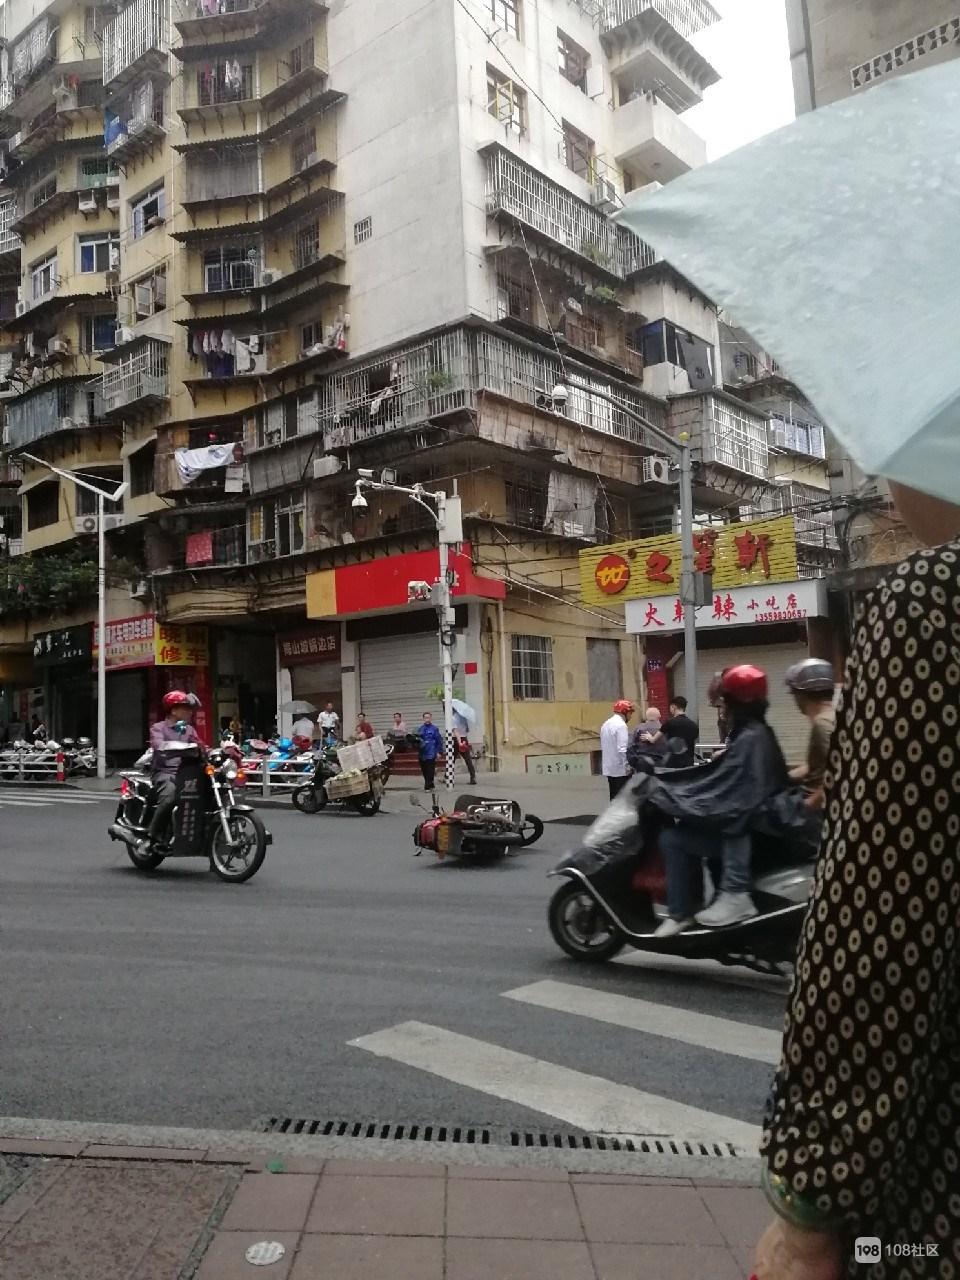 刚刚!梅山坡白发老人被摩托车撞倒,司机见状竟然…